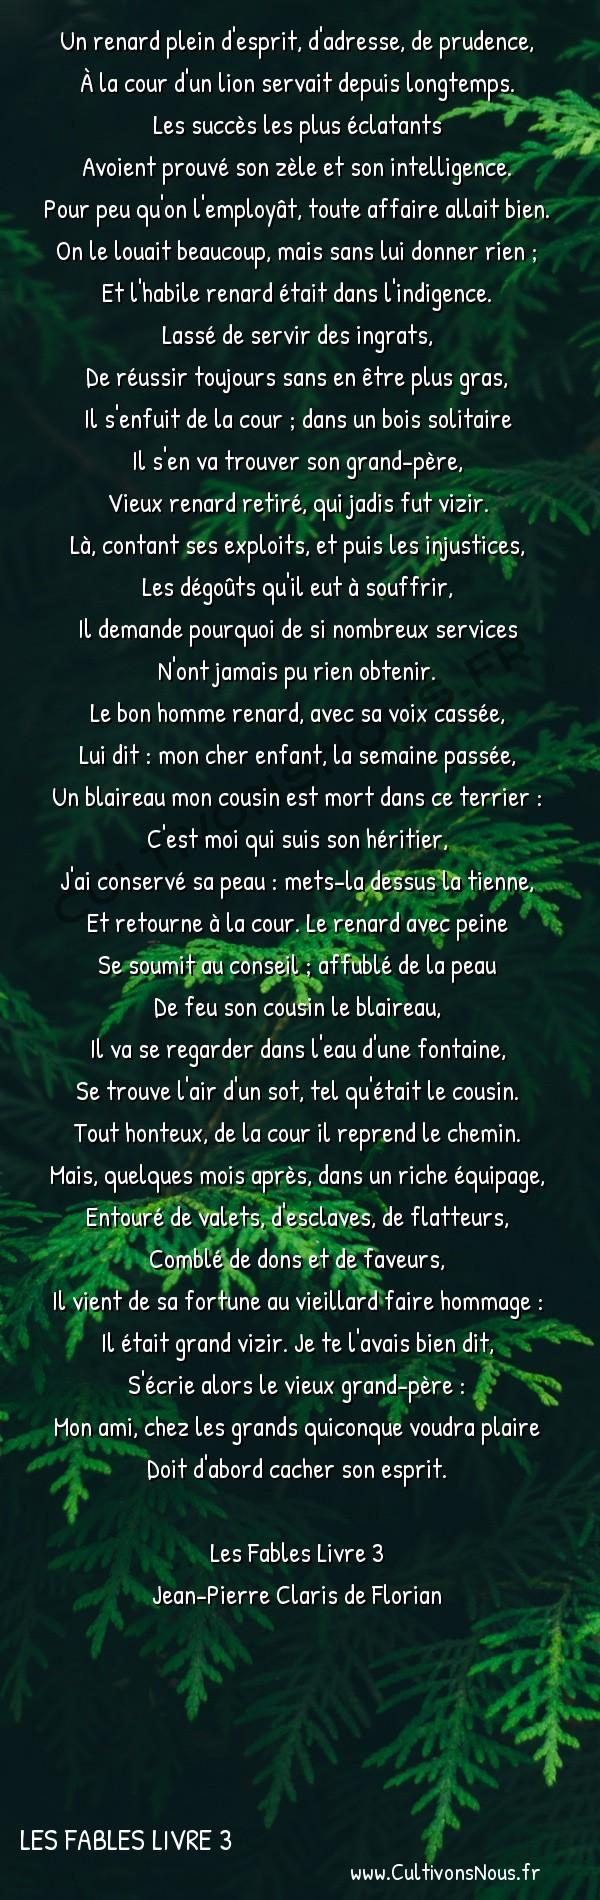 Poésie Jean-Pierre Claris de Florian - Les Fables Livre 3 - Le renard déguisé -  Un renard plein d'esprit, d'adresse, de prudence, À la cour d'un lion servait depuis longtemps.